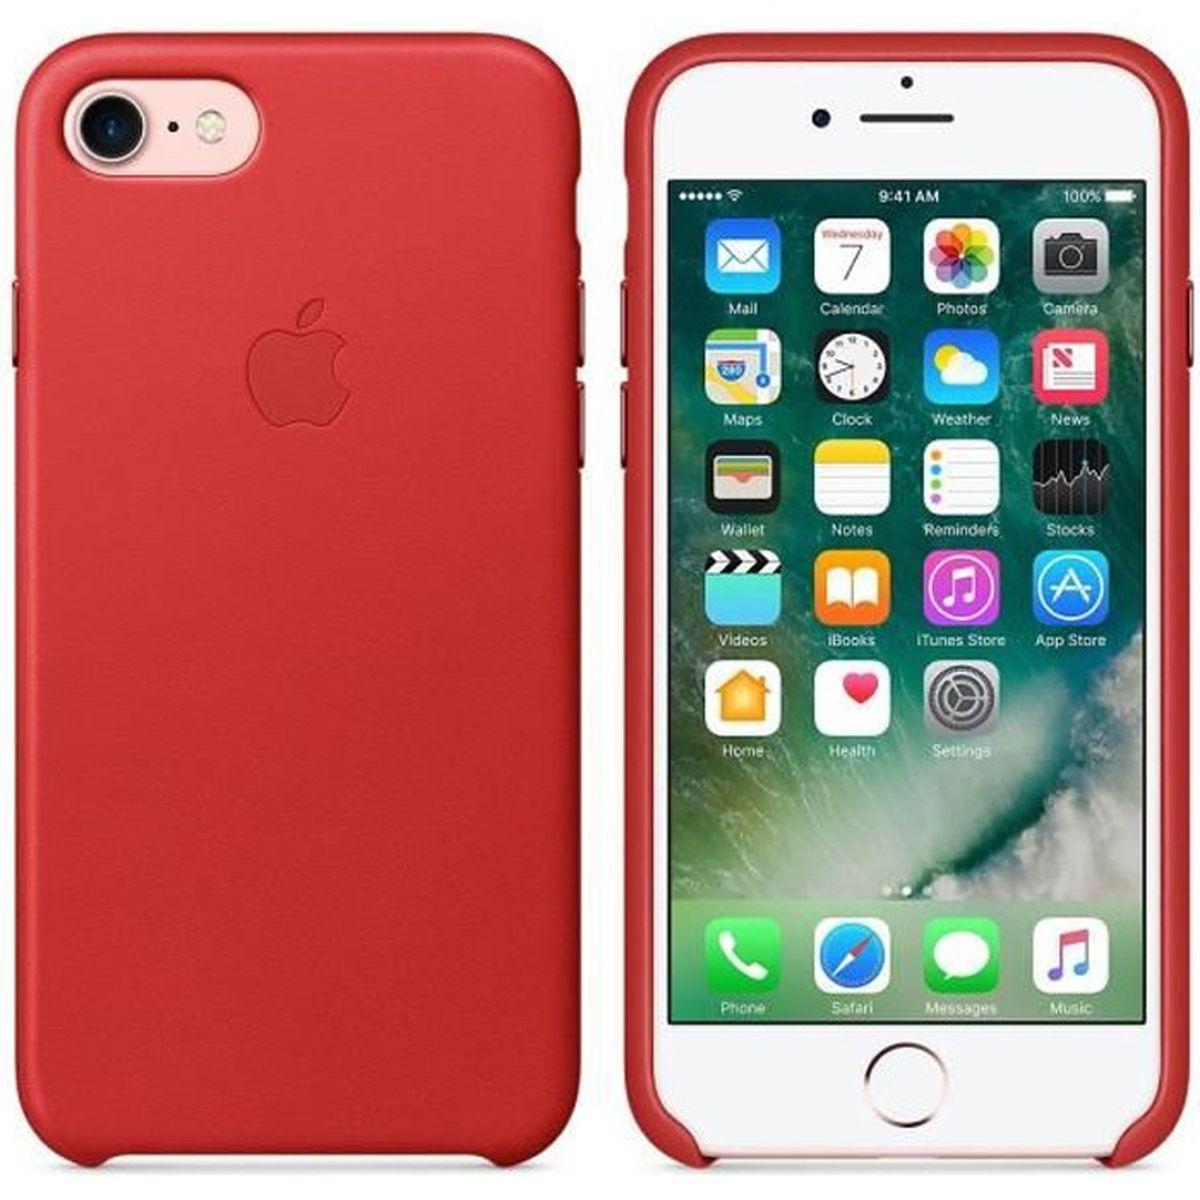 coque apple iphone 7 cuir rouge achat coque bumper pas cher avis et meilleur prix cdiscount. Black Bedroom Furniture Sets. Home Design Ideas